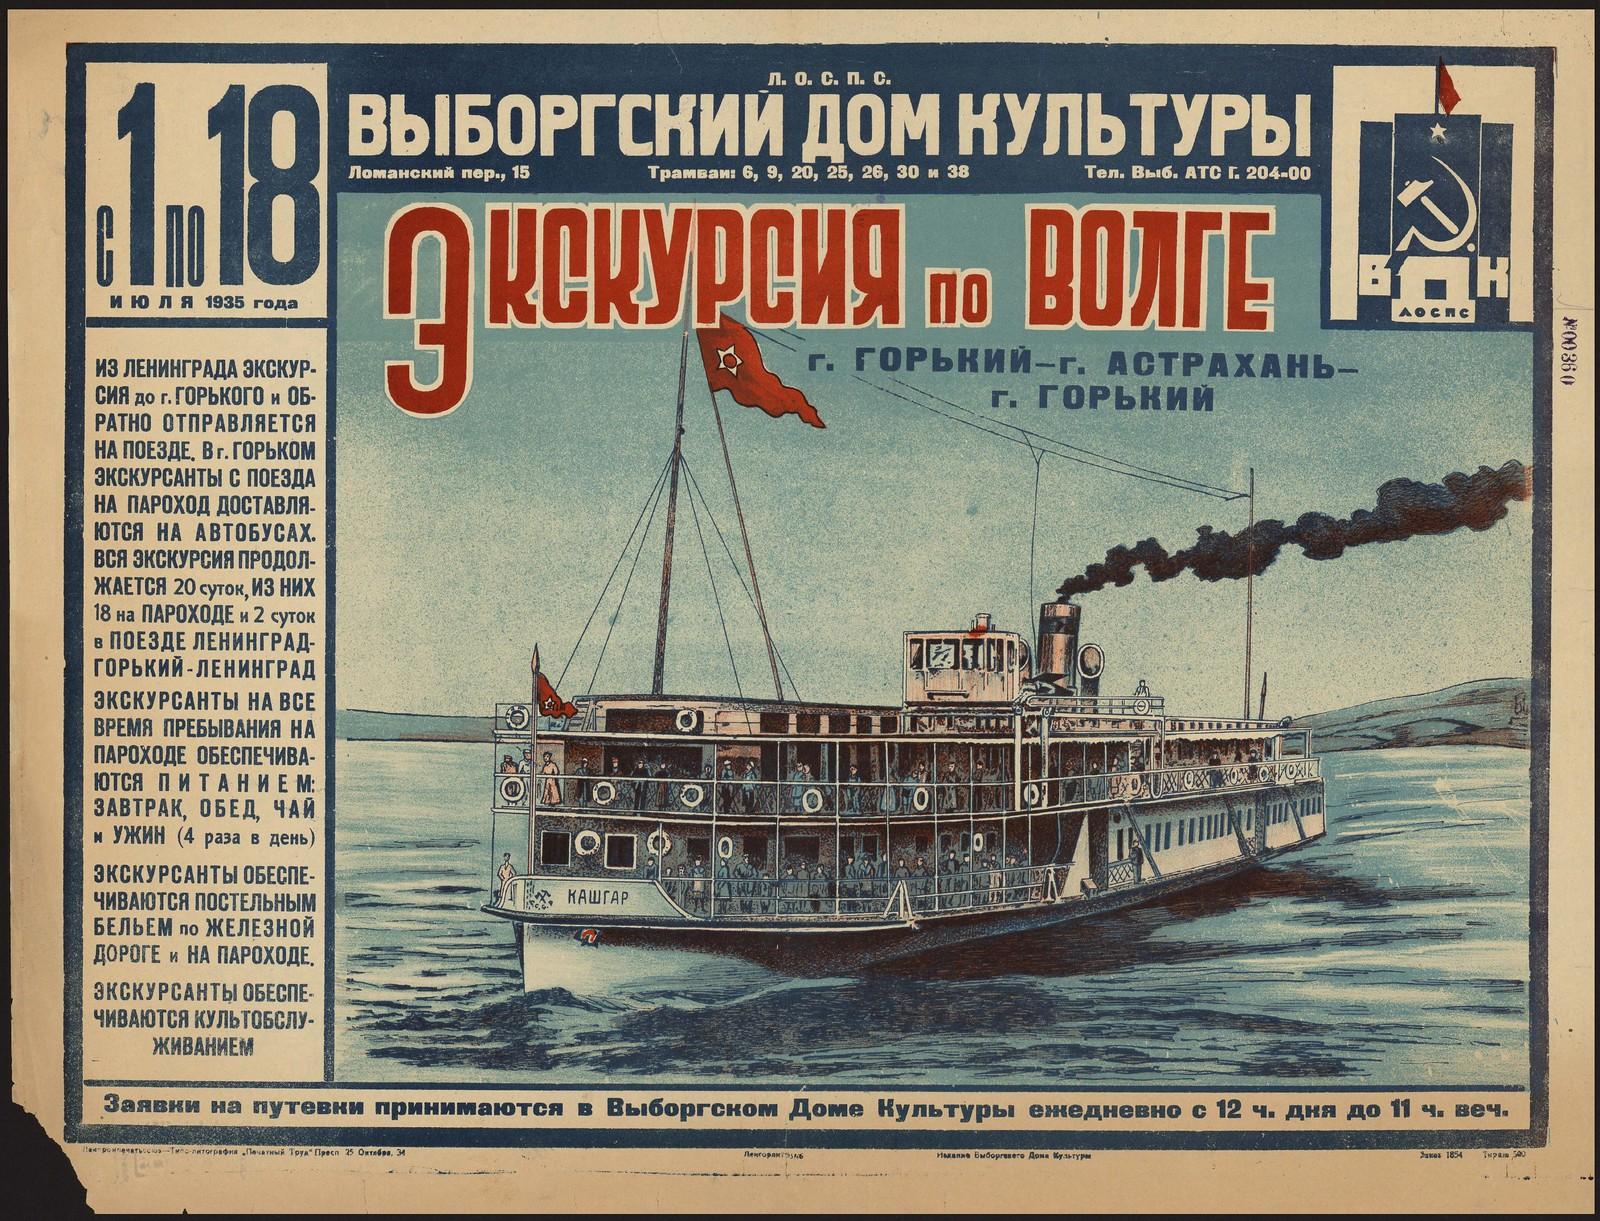 1935. Экскурсия по Волге. г. Горький - г. Астрахань - г. Горький. С 1 по 18 июля